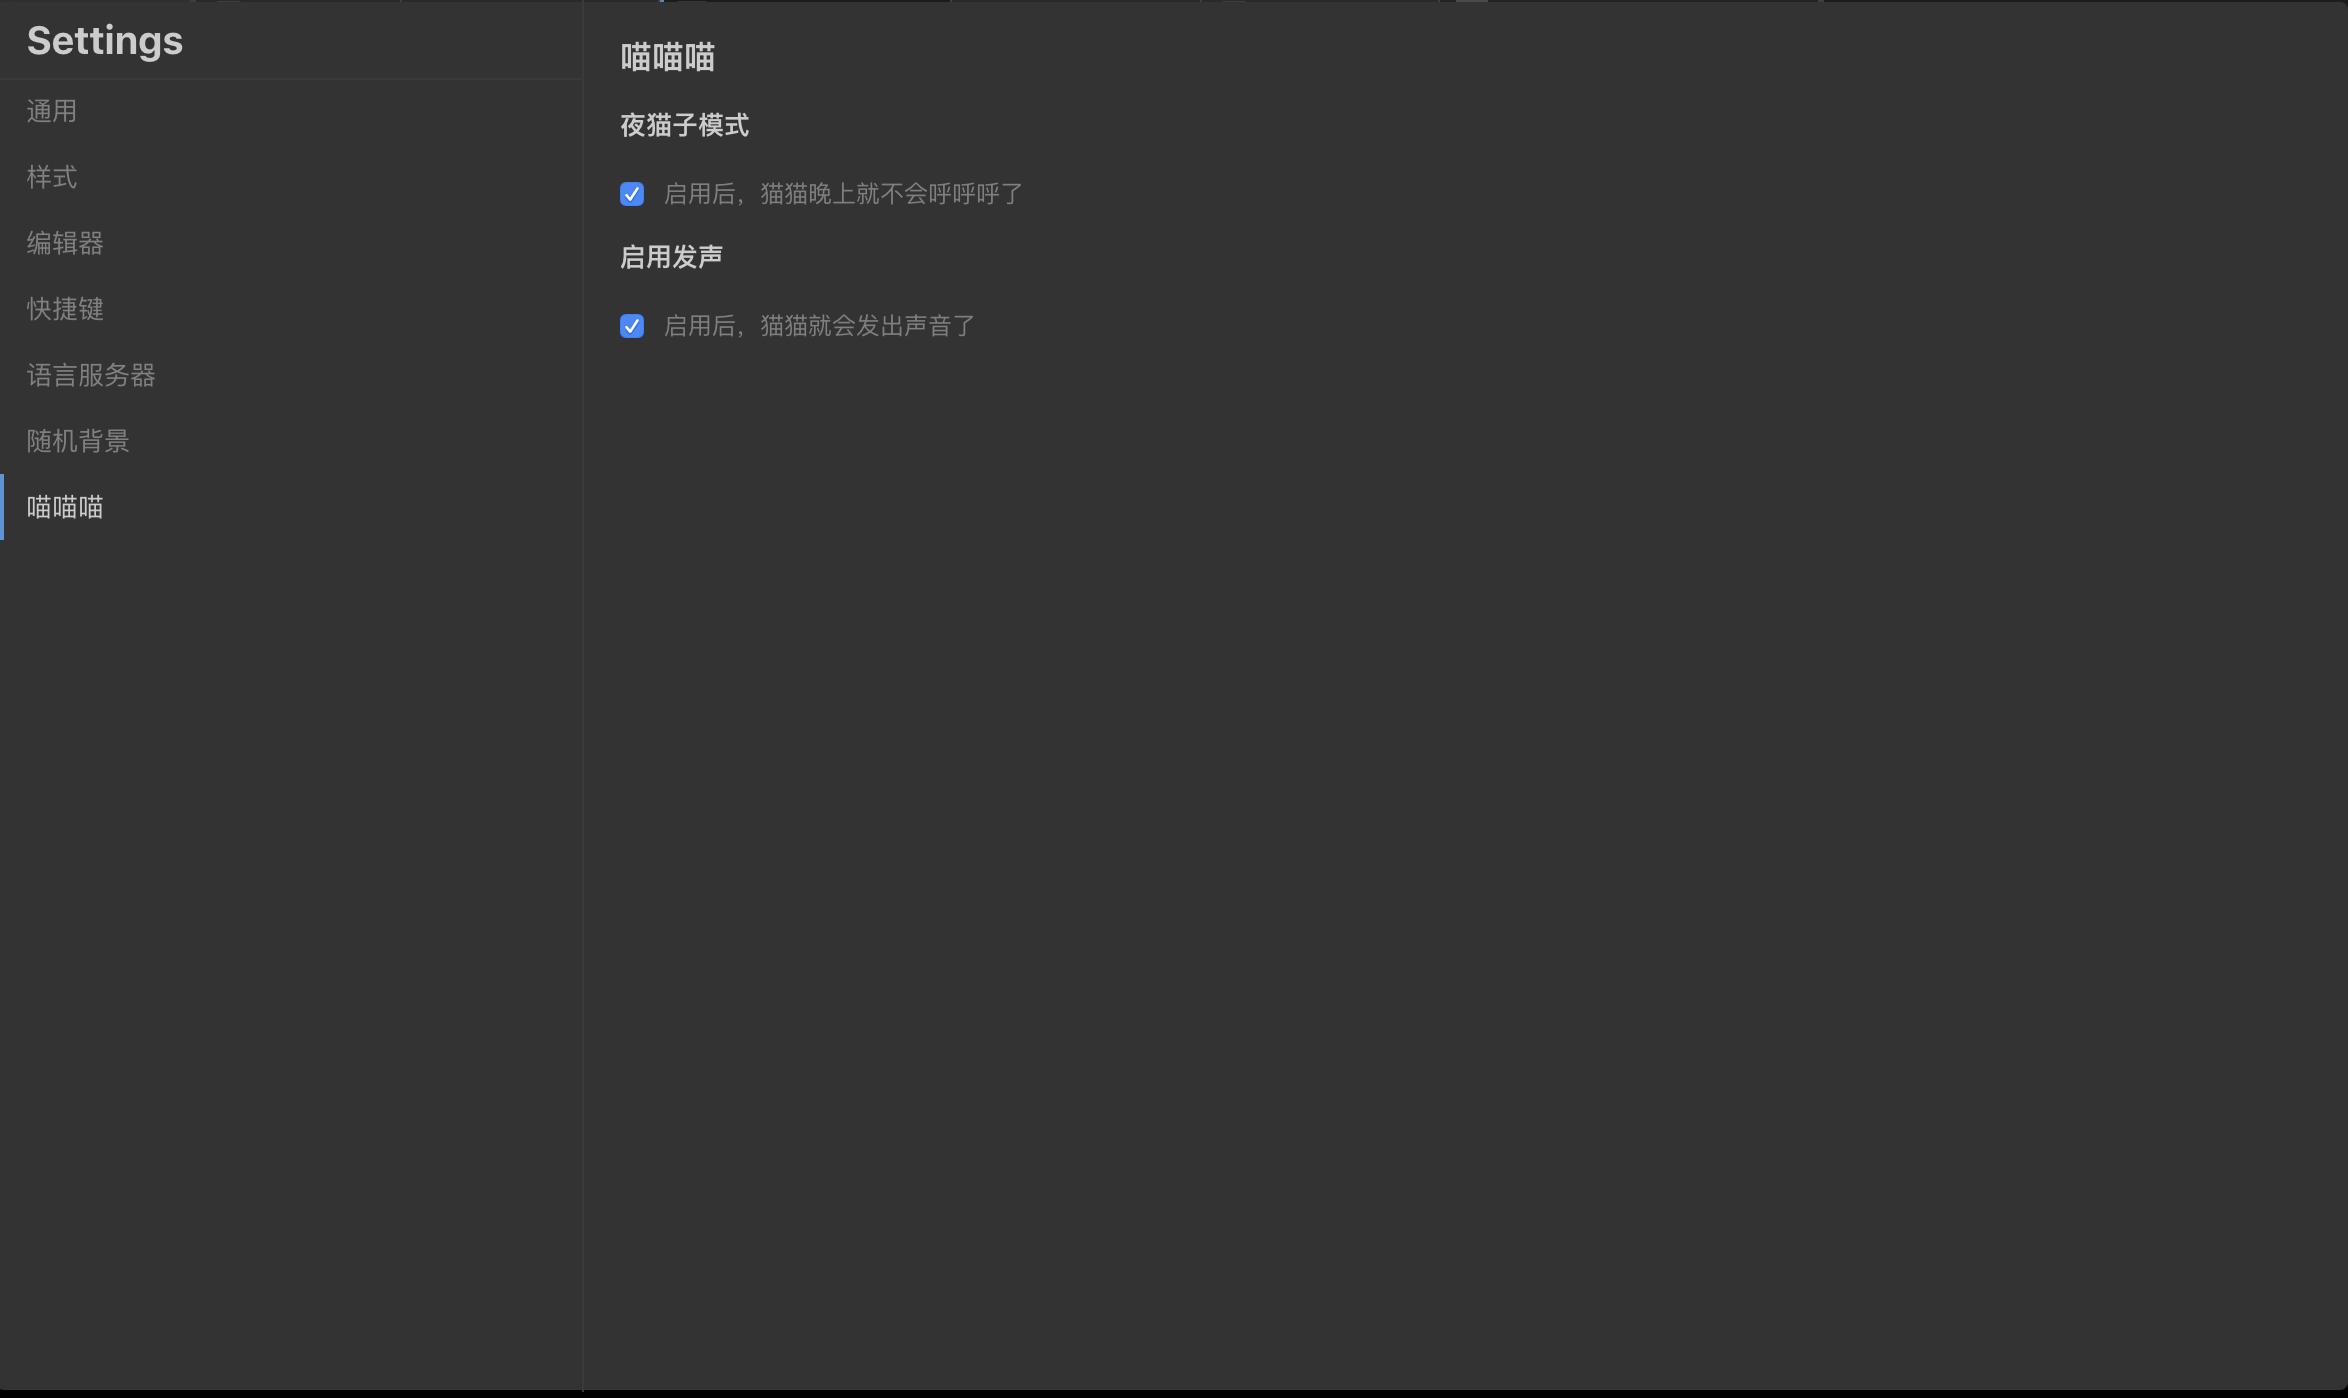 https://www.zhaoj.in/wp-content/uploads/2018/11/1543096875d91ecb61fdae2d509afc23f1e55355dd.png